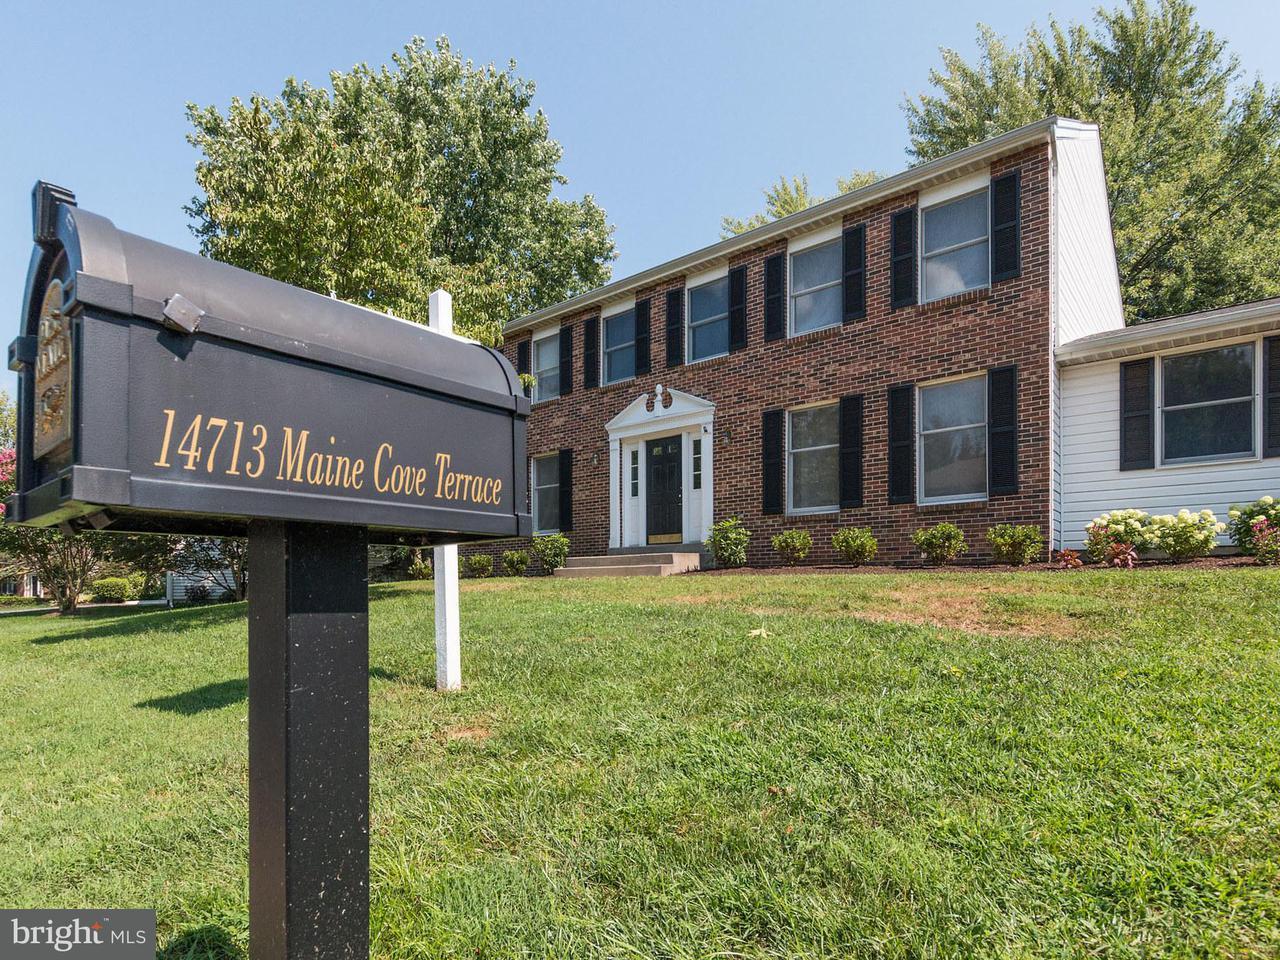 Vivienda unifamiliar por un Venta en 14713 MAINE COVE TER 14713 MAINE COVE TER North Potomac, Maryland 20878 Estados Unidos